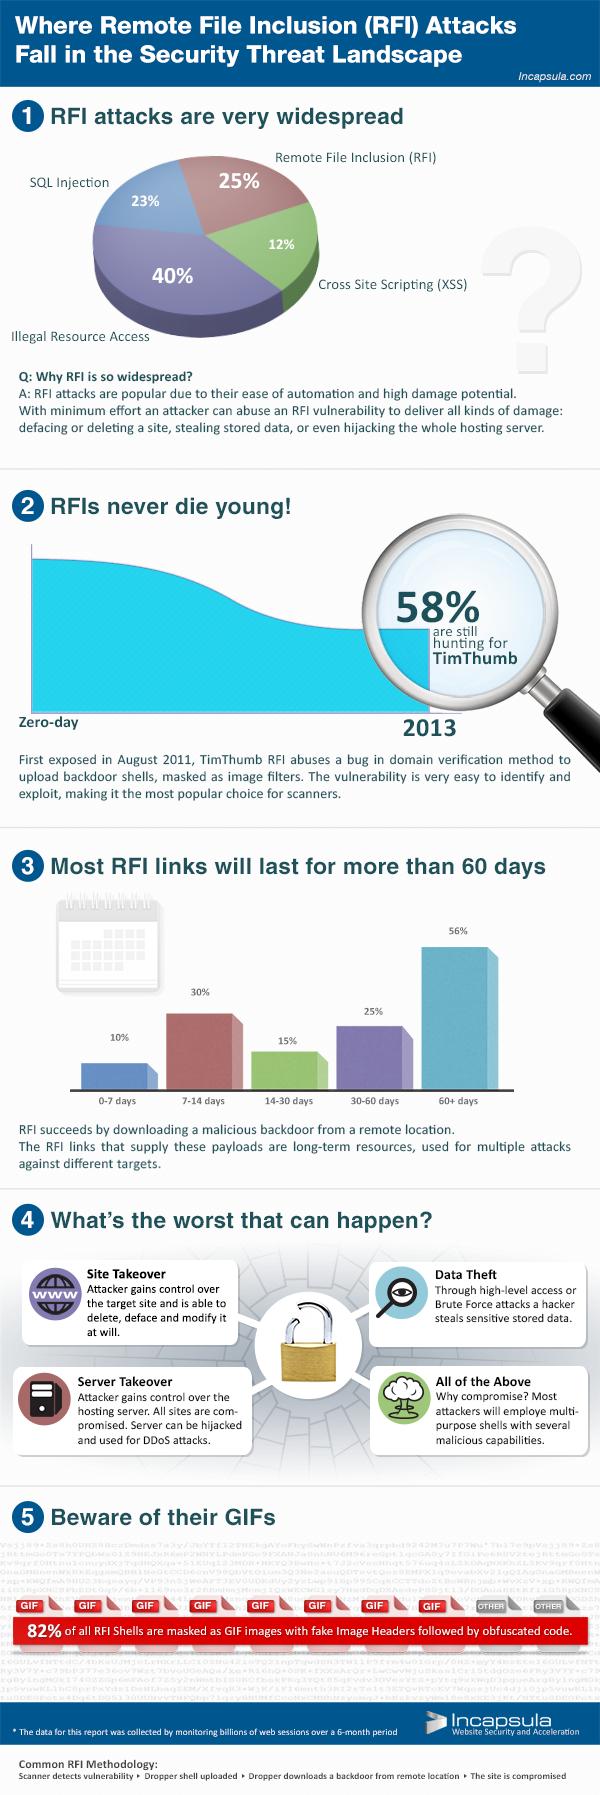 Remote File Inclusion (RFI) Attacks in Threat Landscape | Incapsula